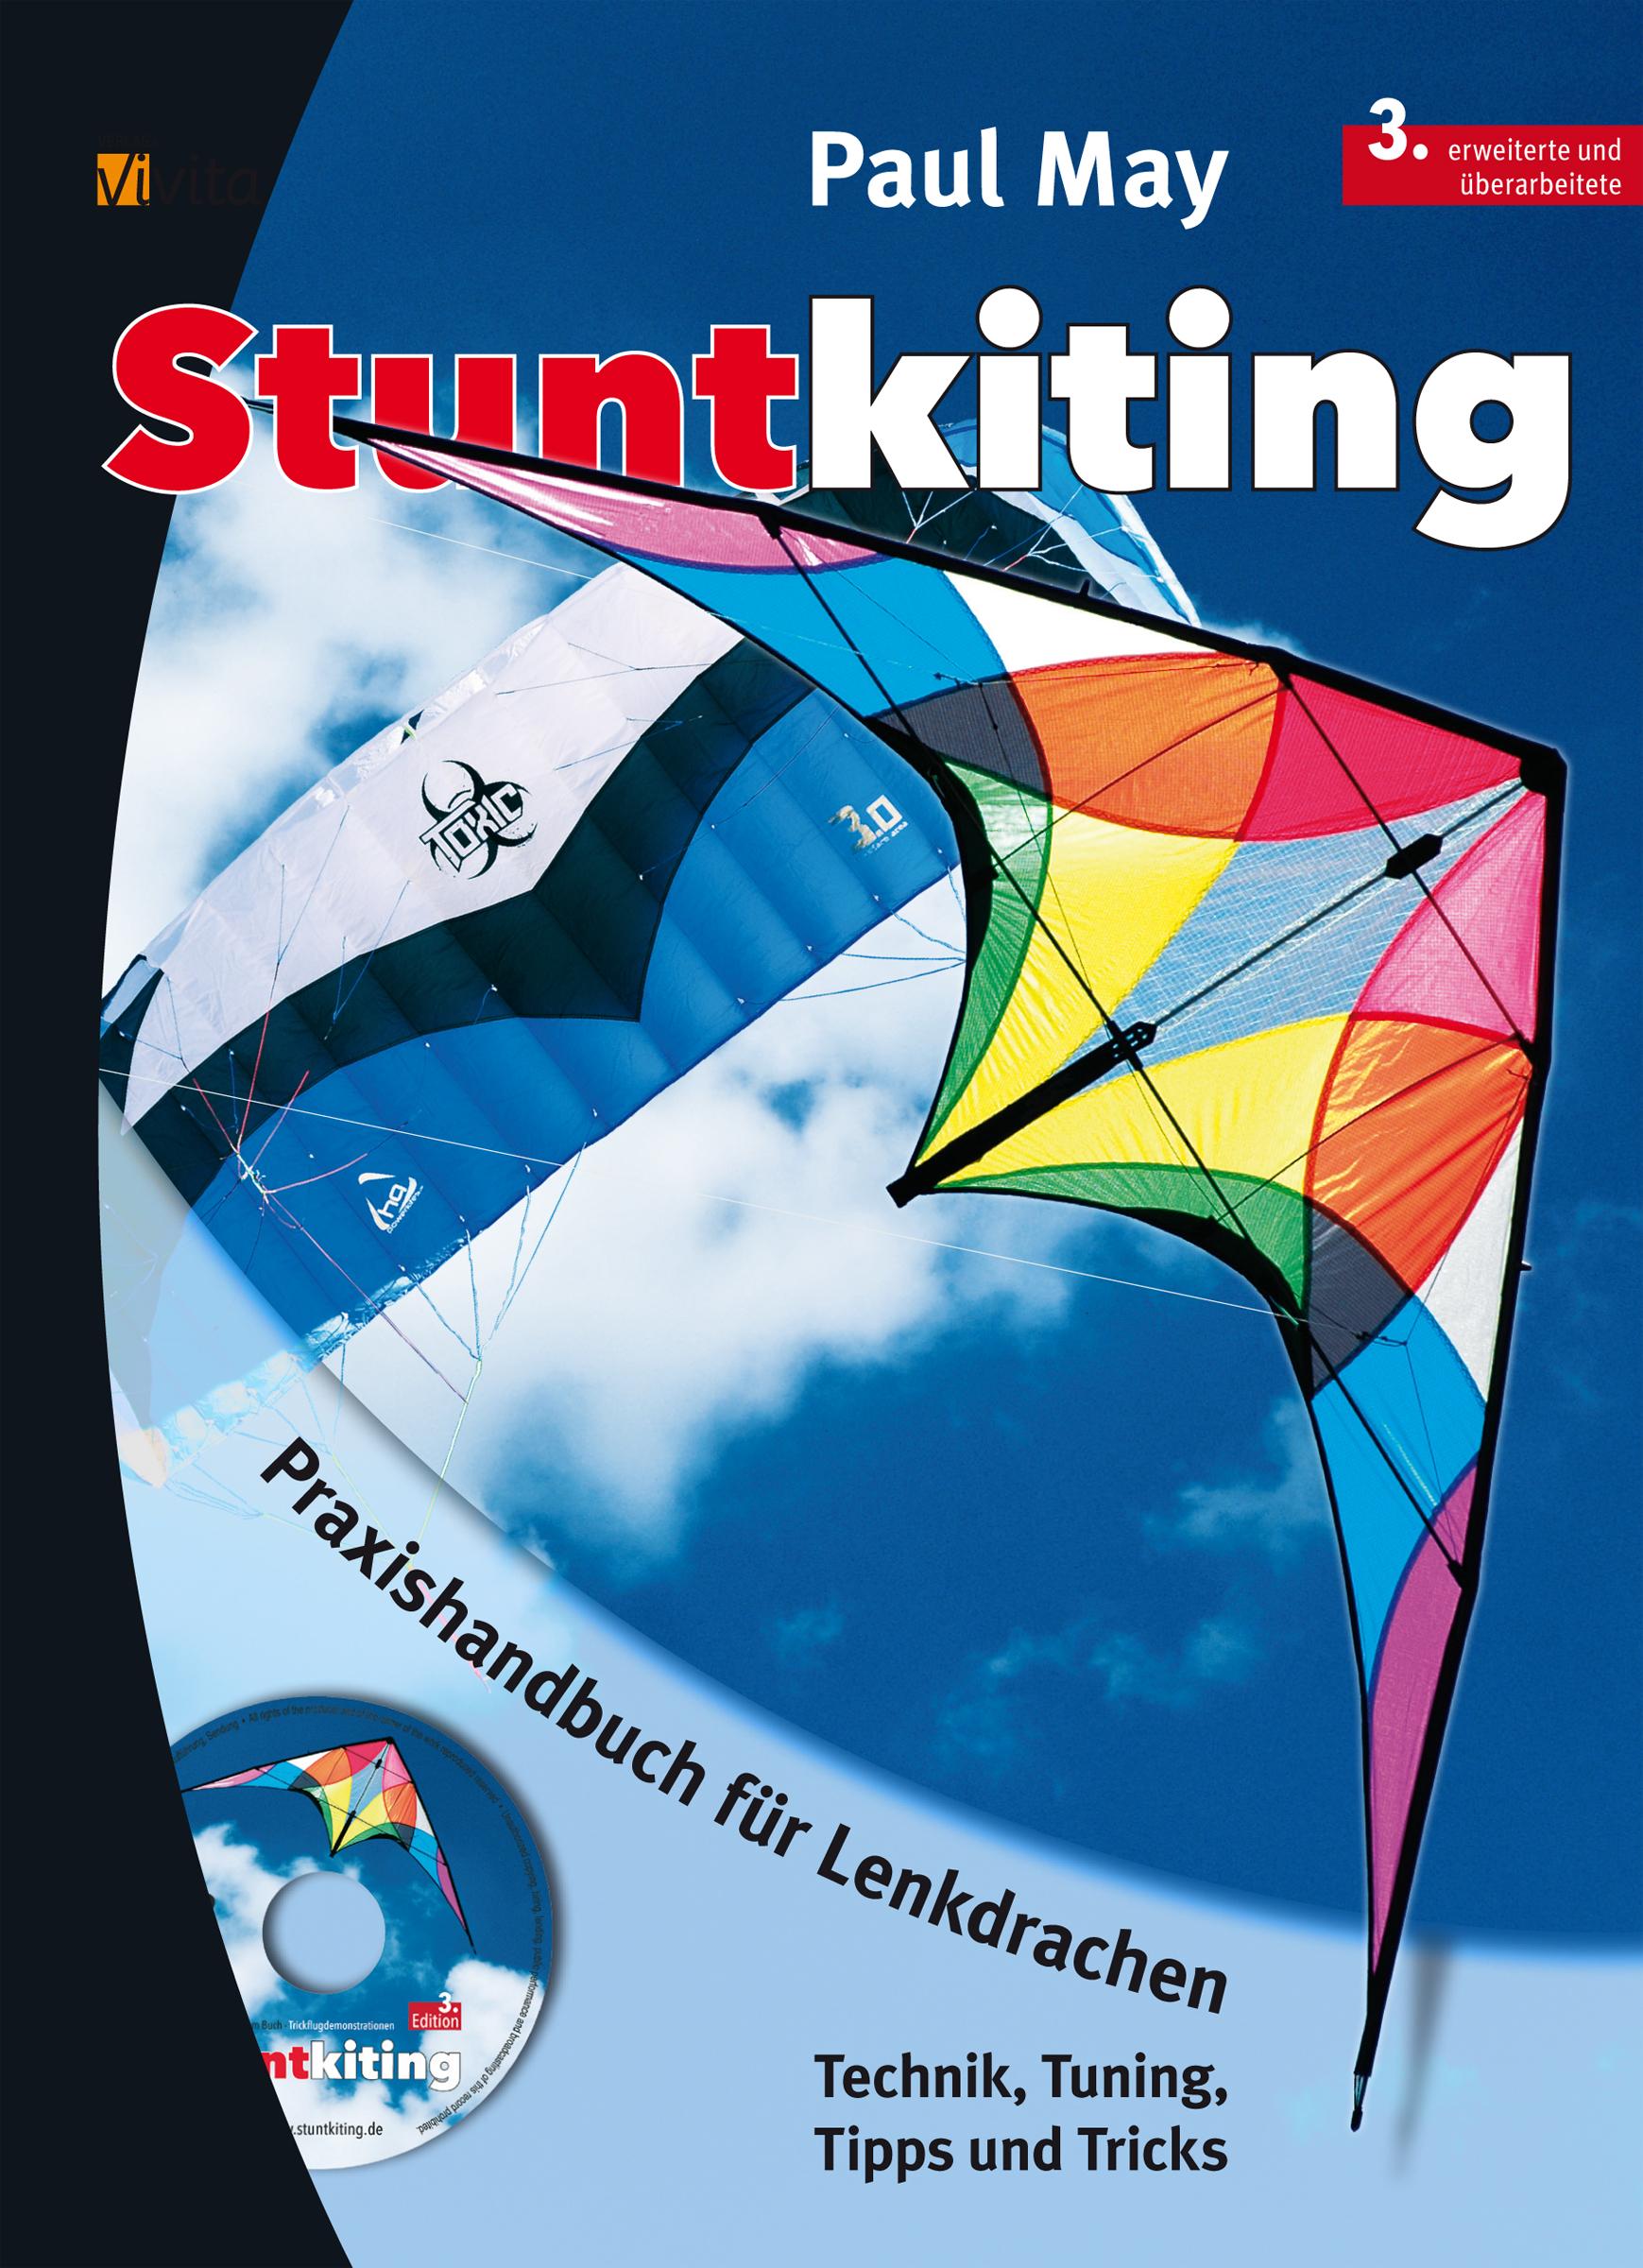 Stuntkiting: Praxishandbuch für Lenkdrachen - Technik, Tuning, Tipps und Tricks - Paul May [Broschiert, inkl. DVD, 3. Au